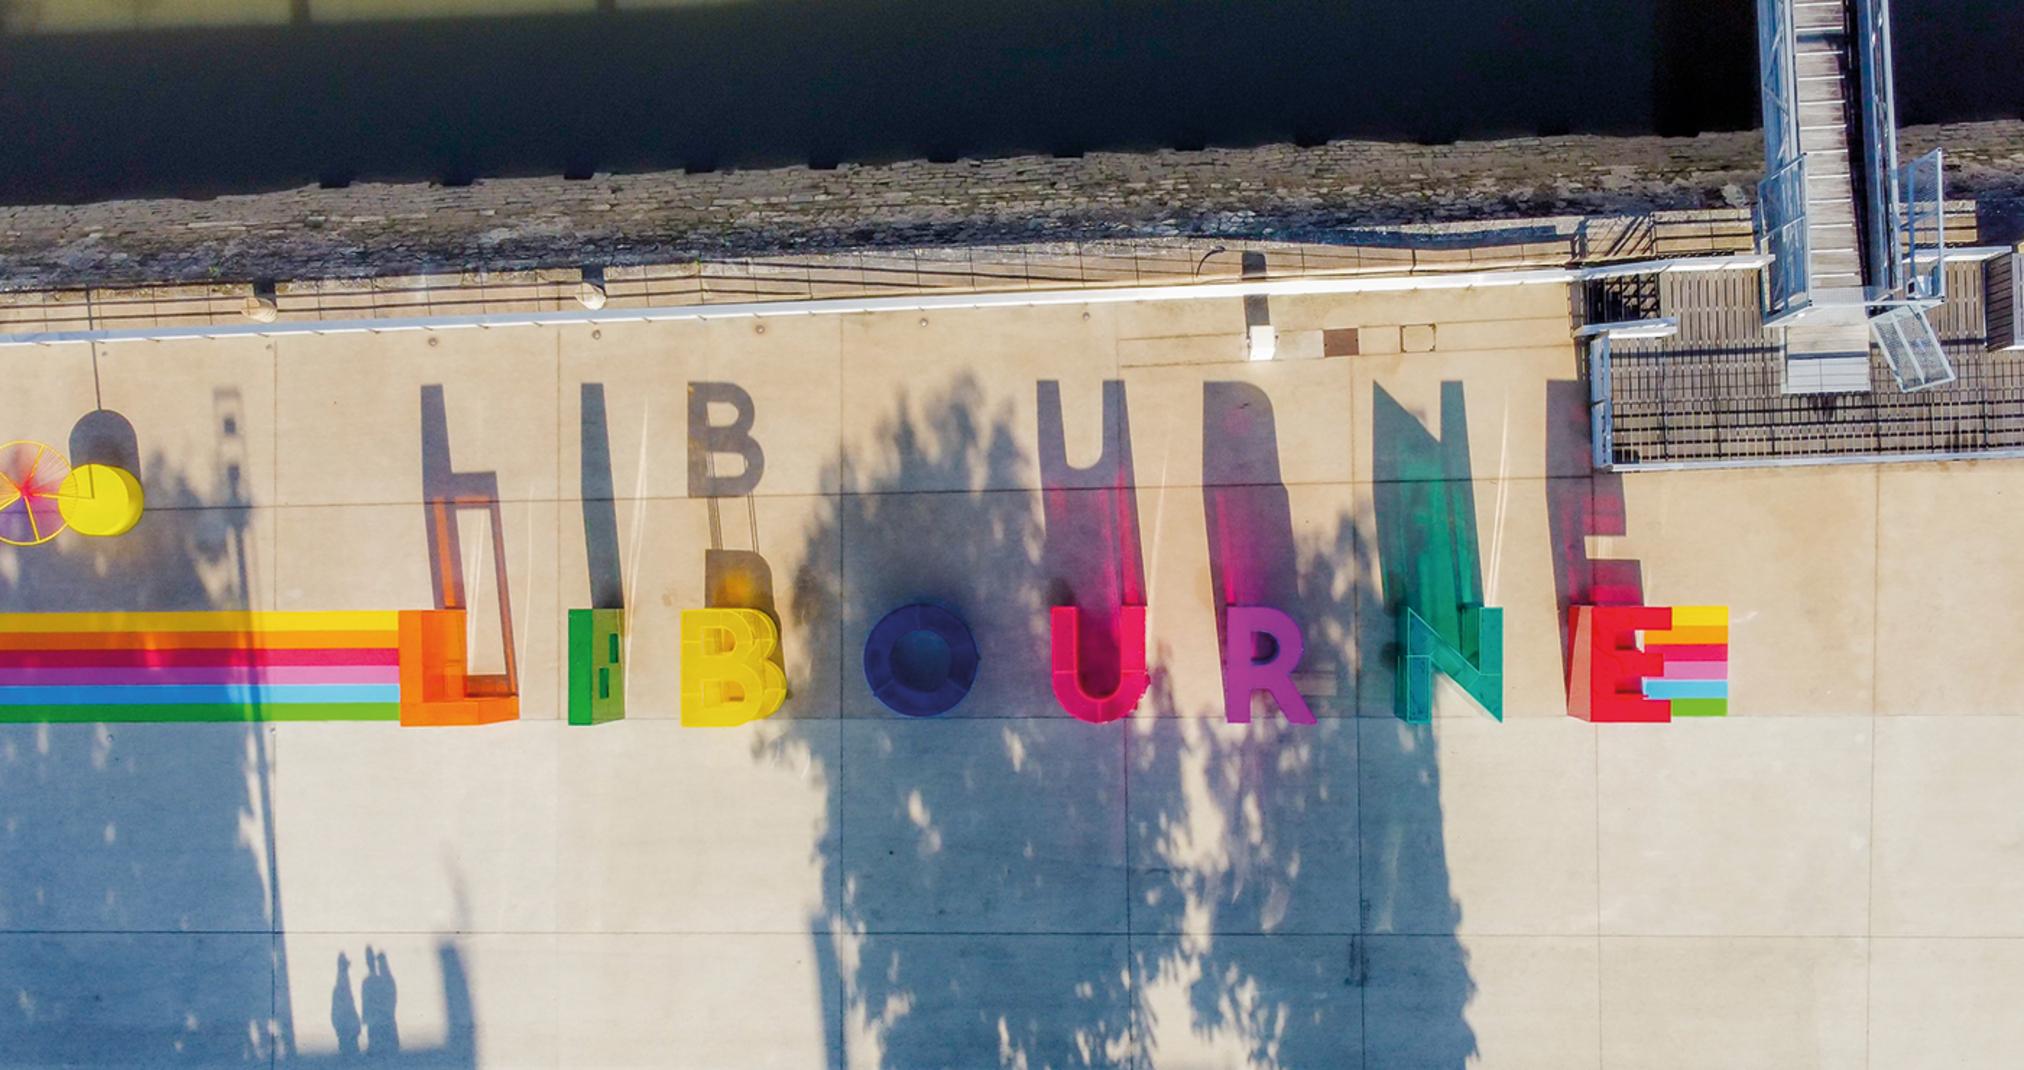 Tour de France - Libourne'21